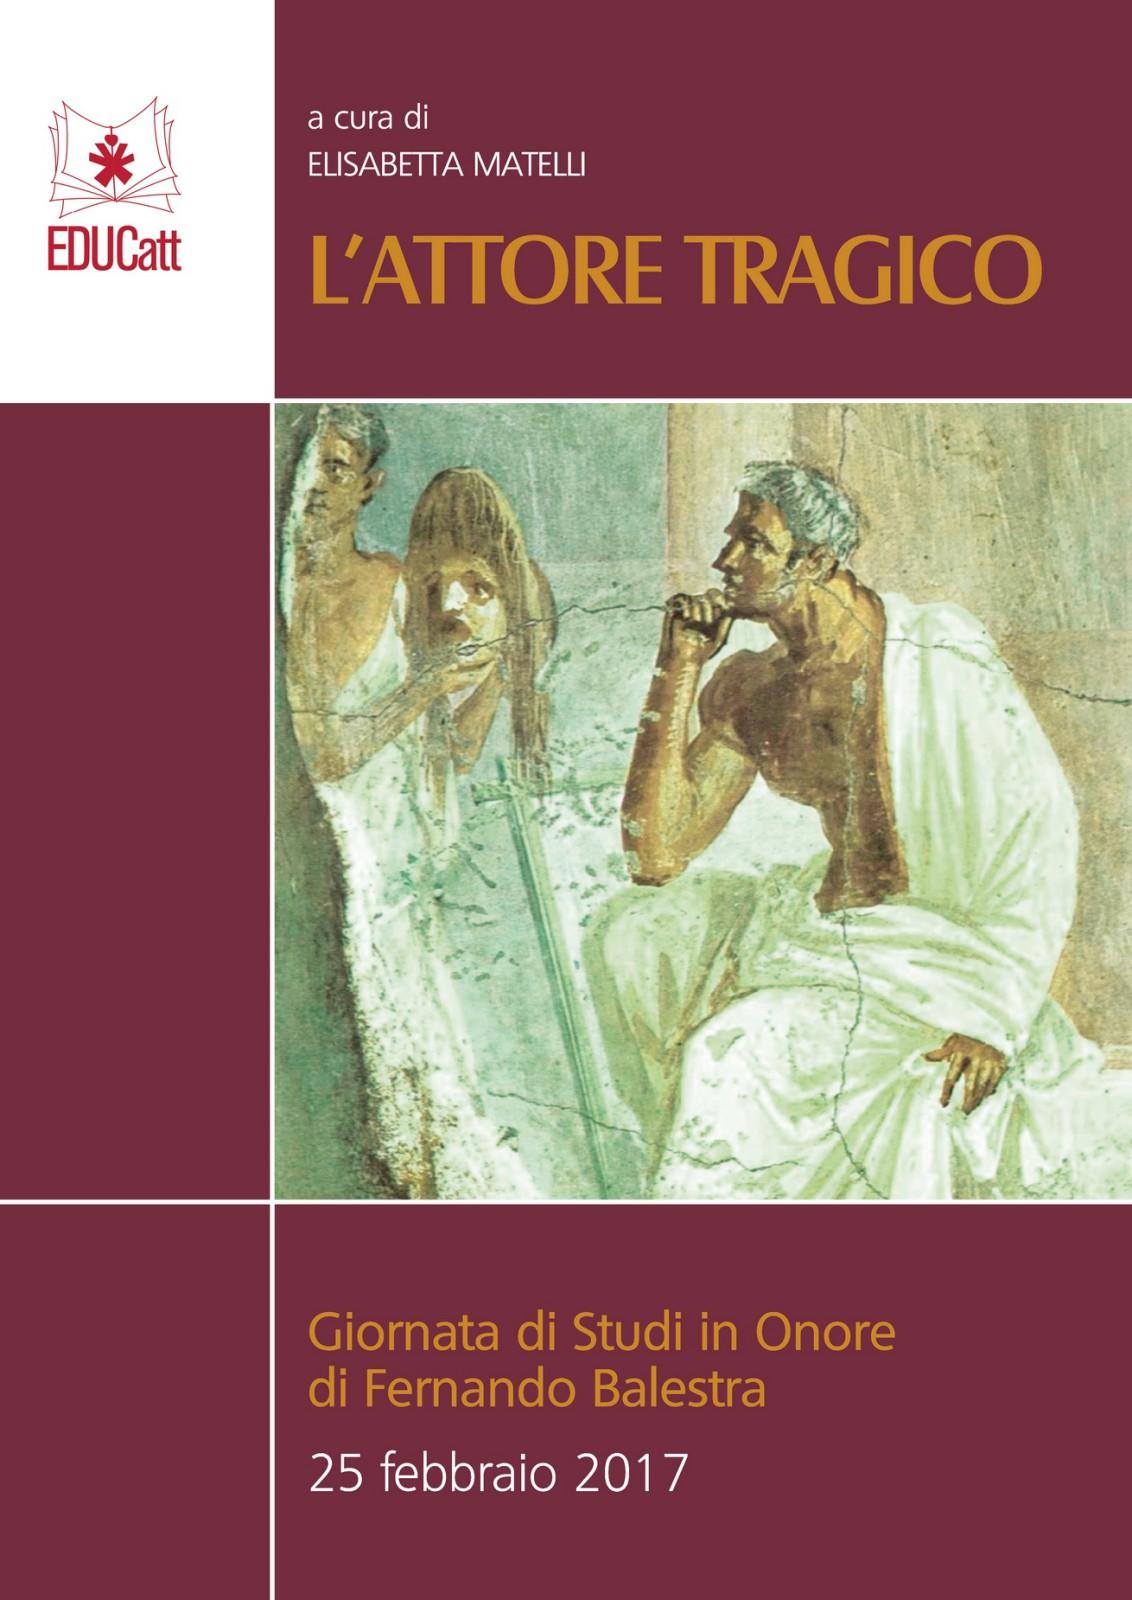 L'ATTORE TRAGICO. GIORNATA DI STUDI IN ONORE DI FERNANDO BALESTRA 25/02/2017